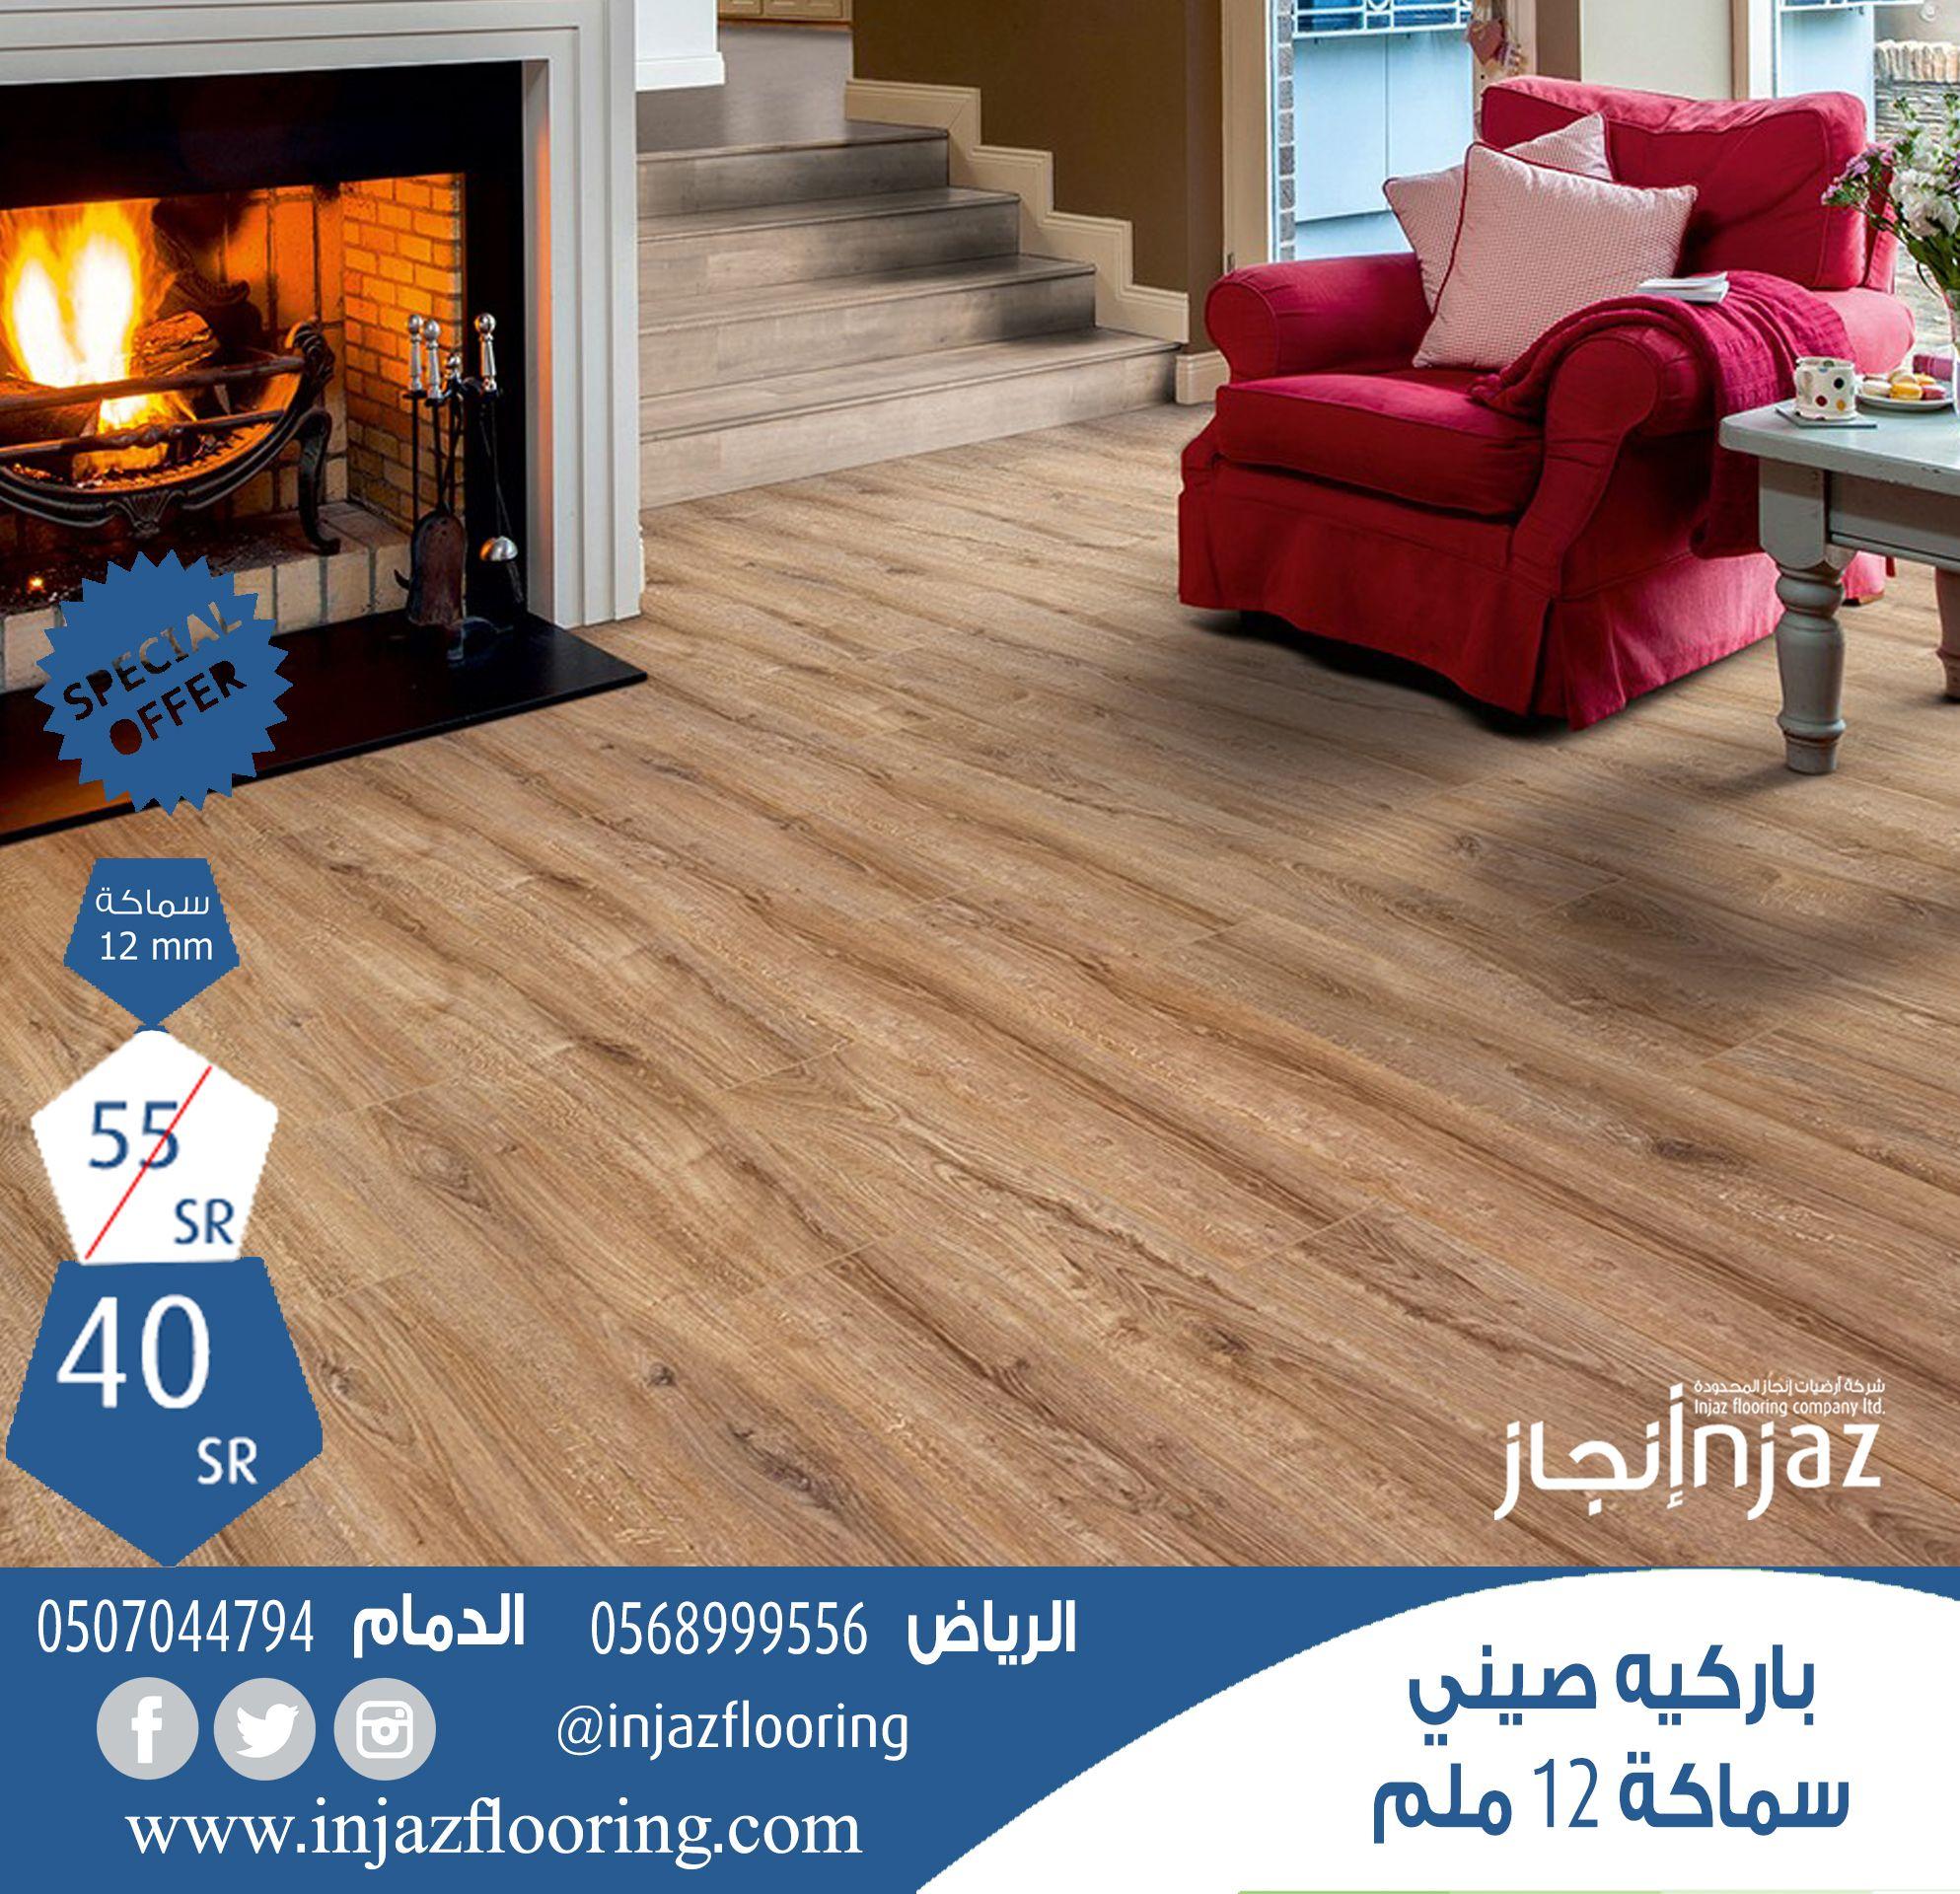 باركيه صيني سماكة 12 ملم Wood Laminate Flooring Flooring Wood Laminate